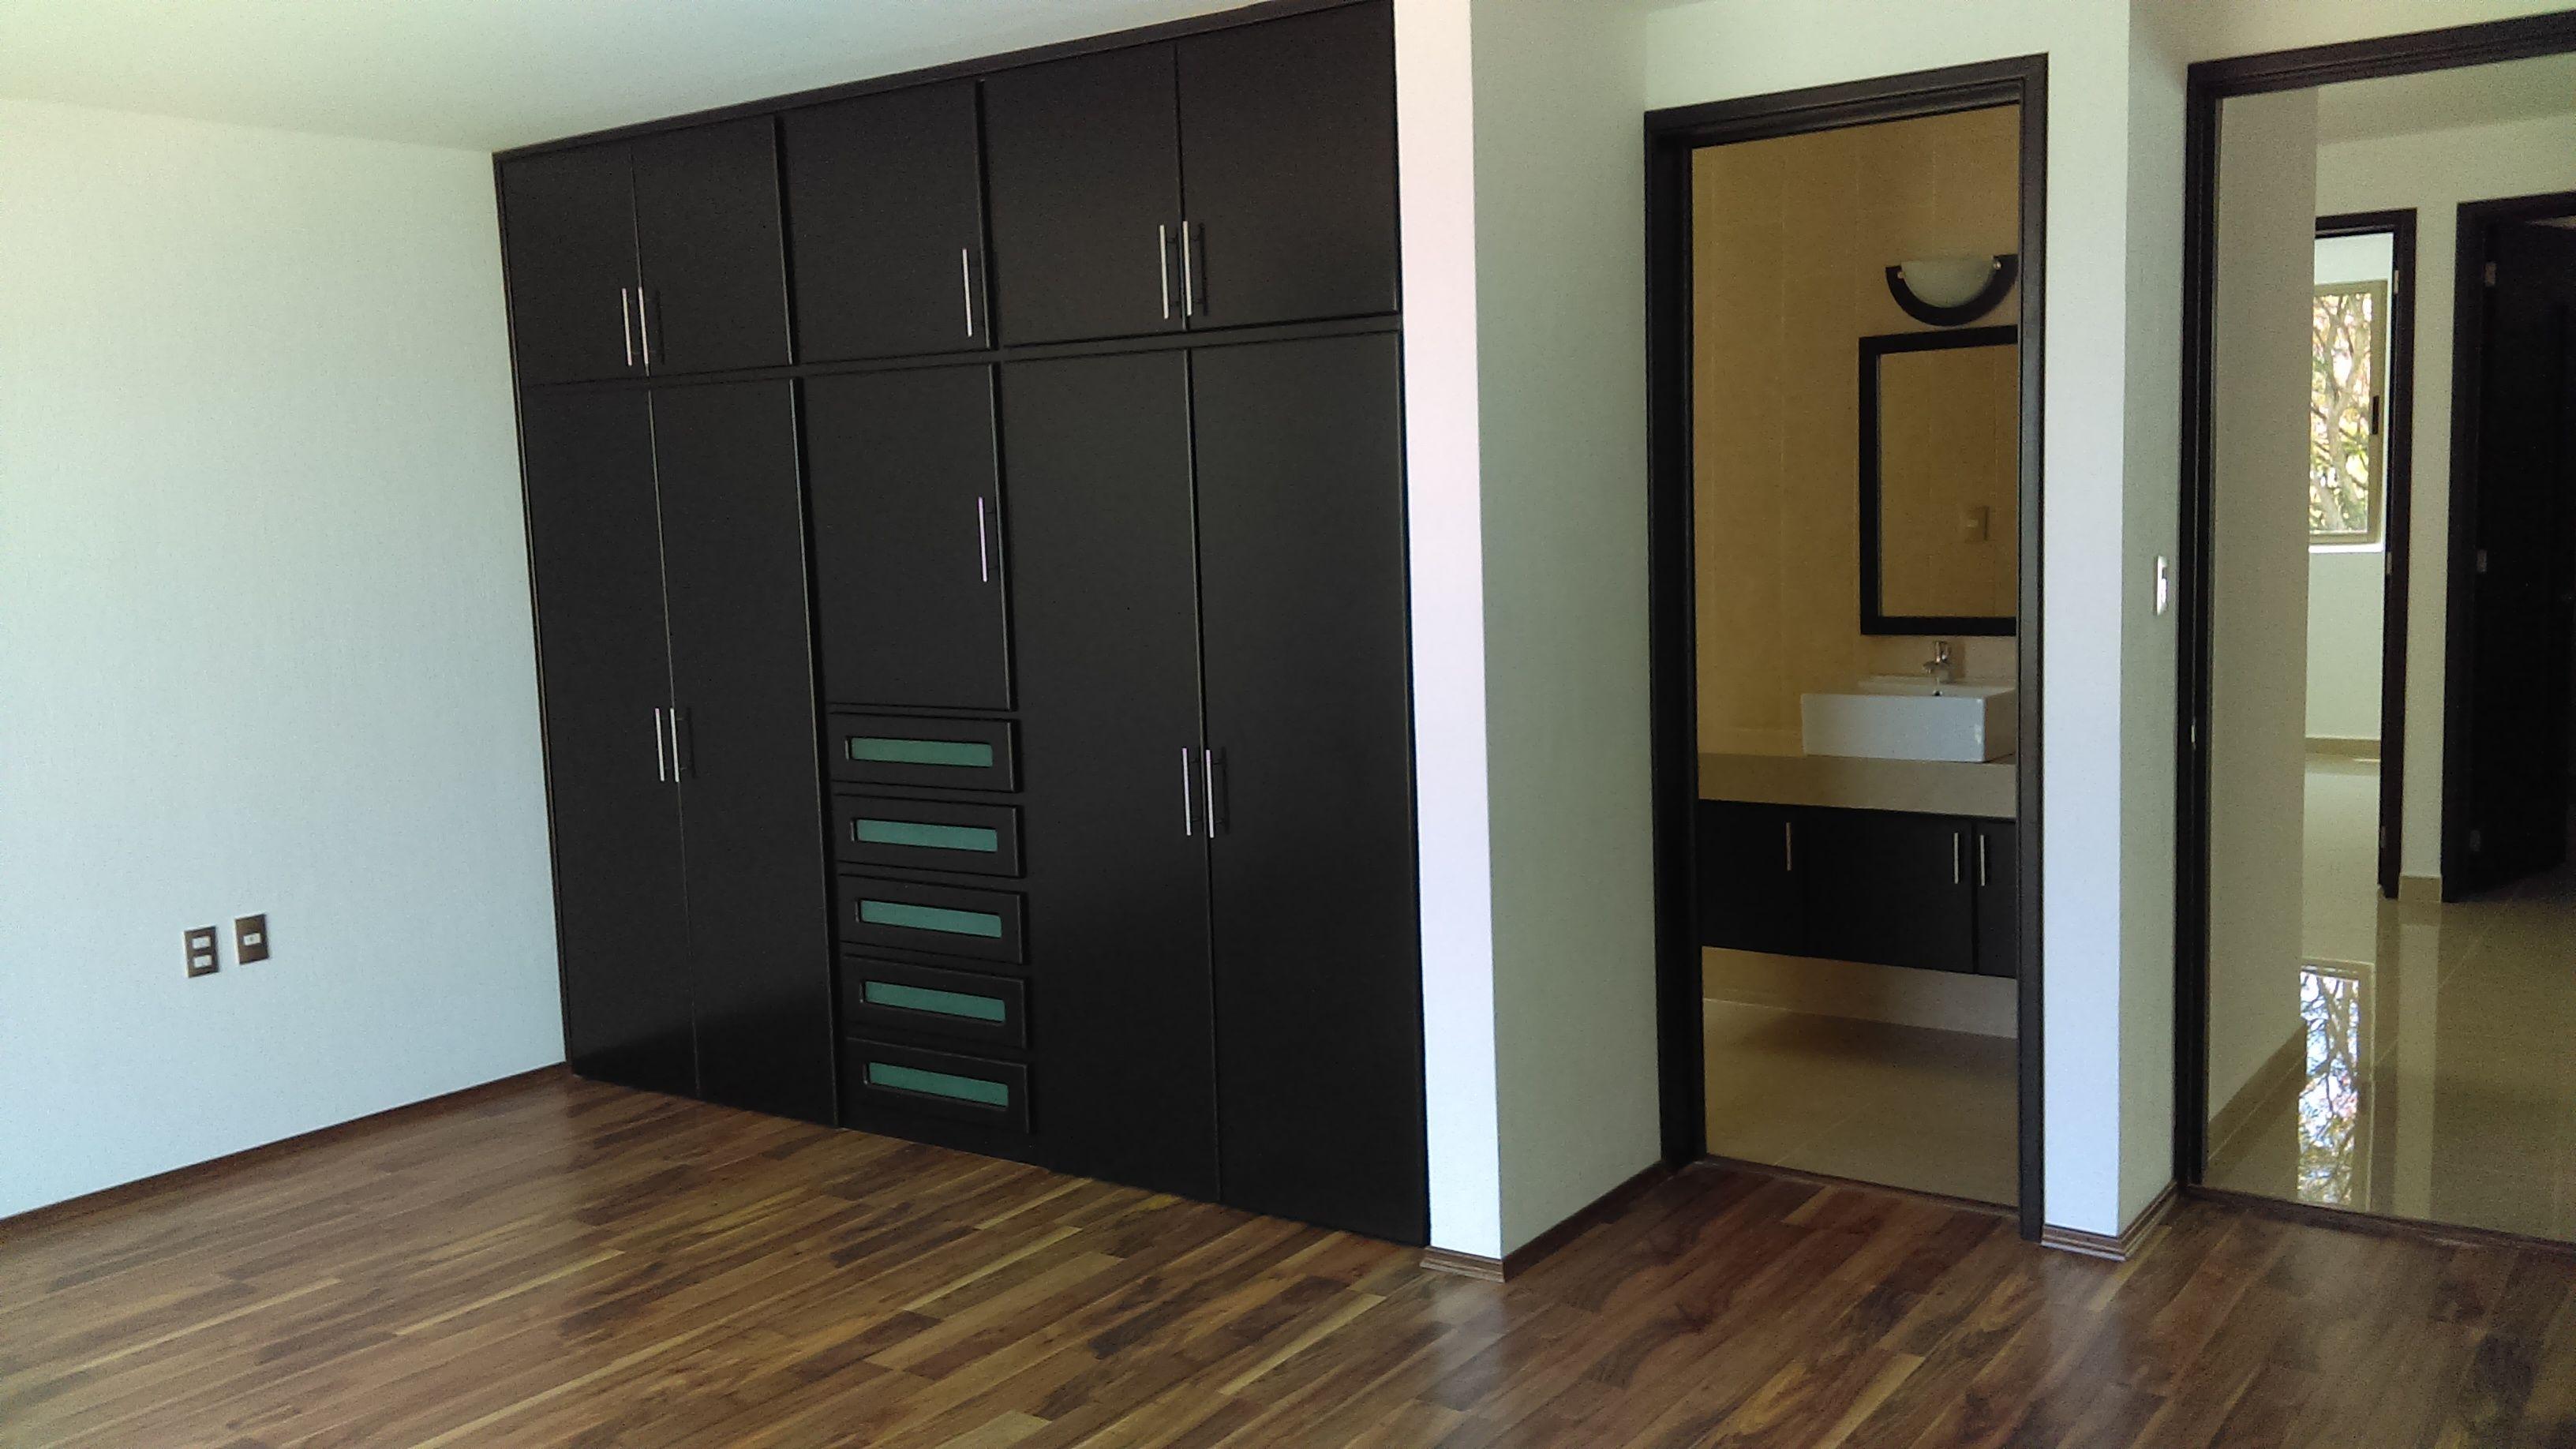 Recamara Principal Piso Laminado Closet Ba O En El Interior  # Muebles Tulancingo